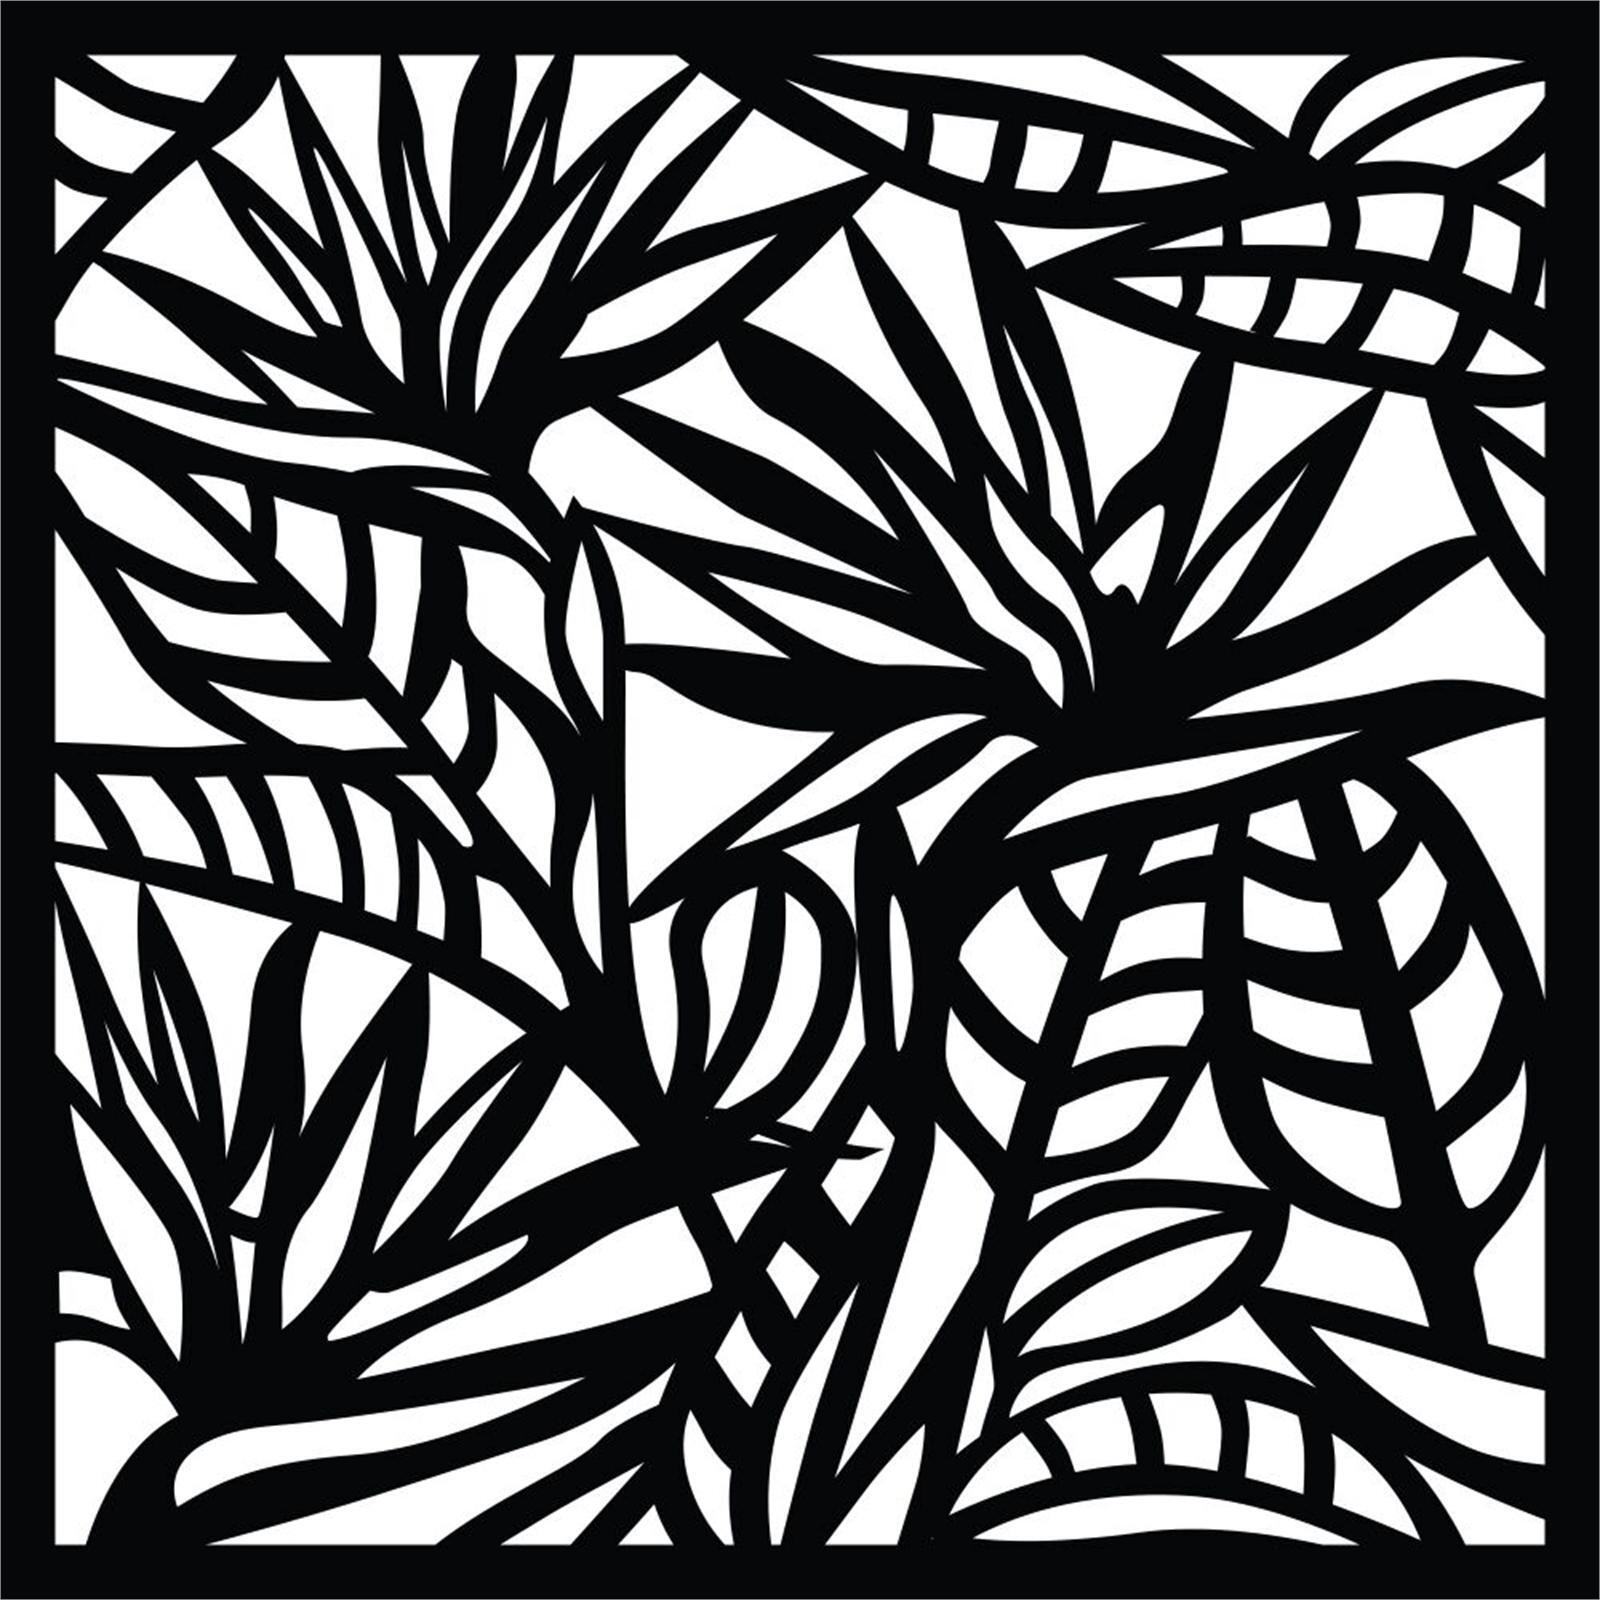 Matrix 580 x 580mm Charcoal Strelitzia Wall Art